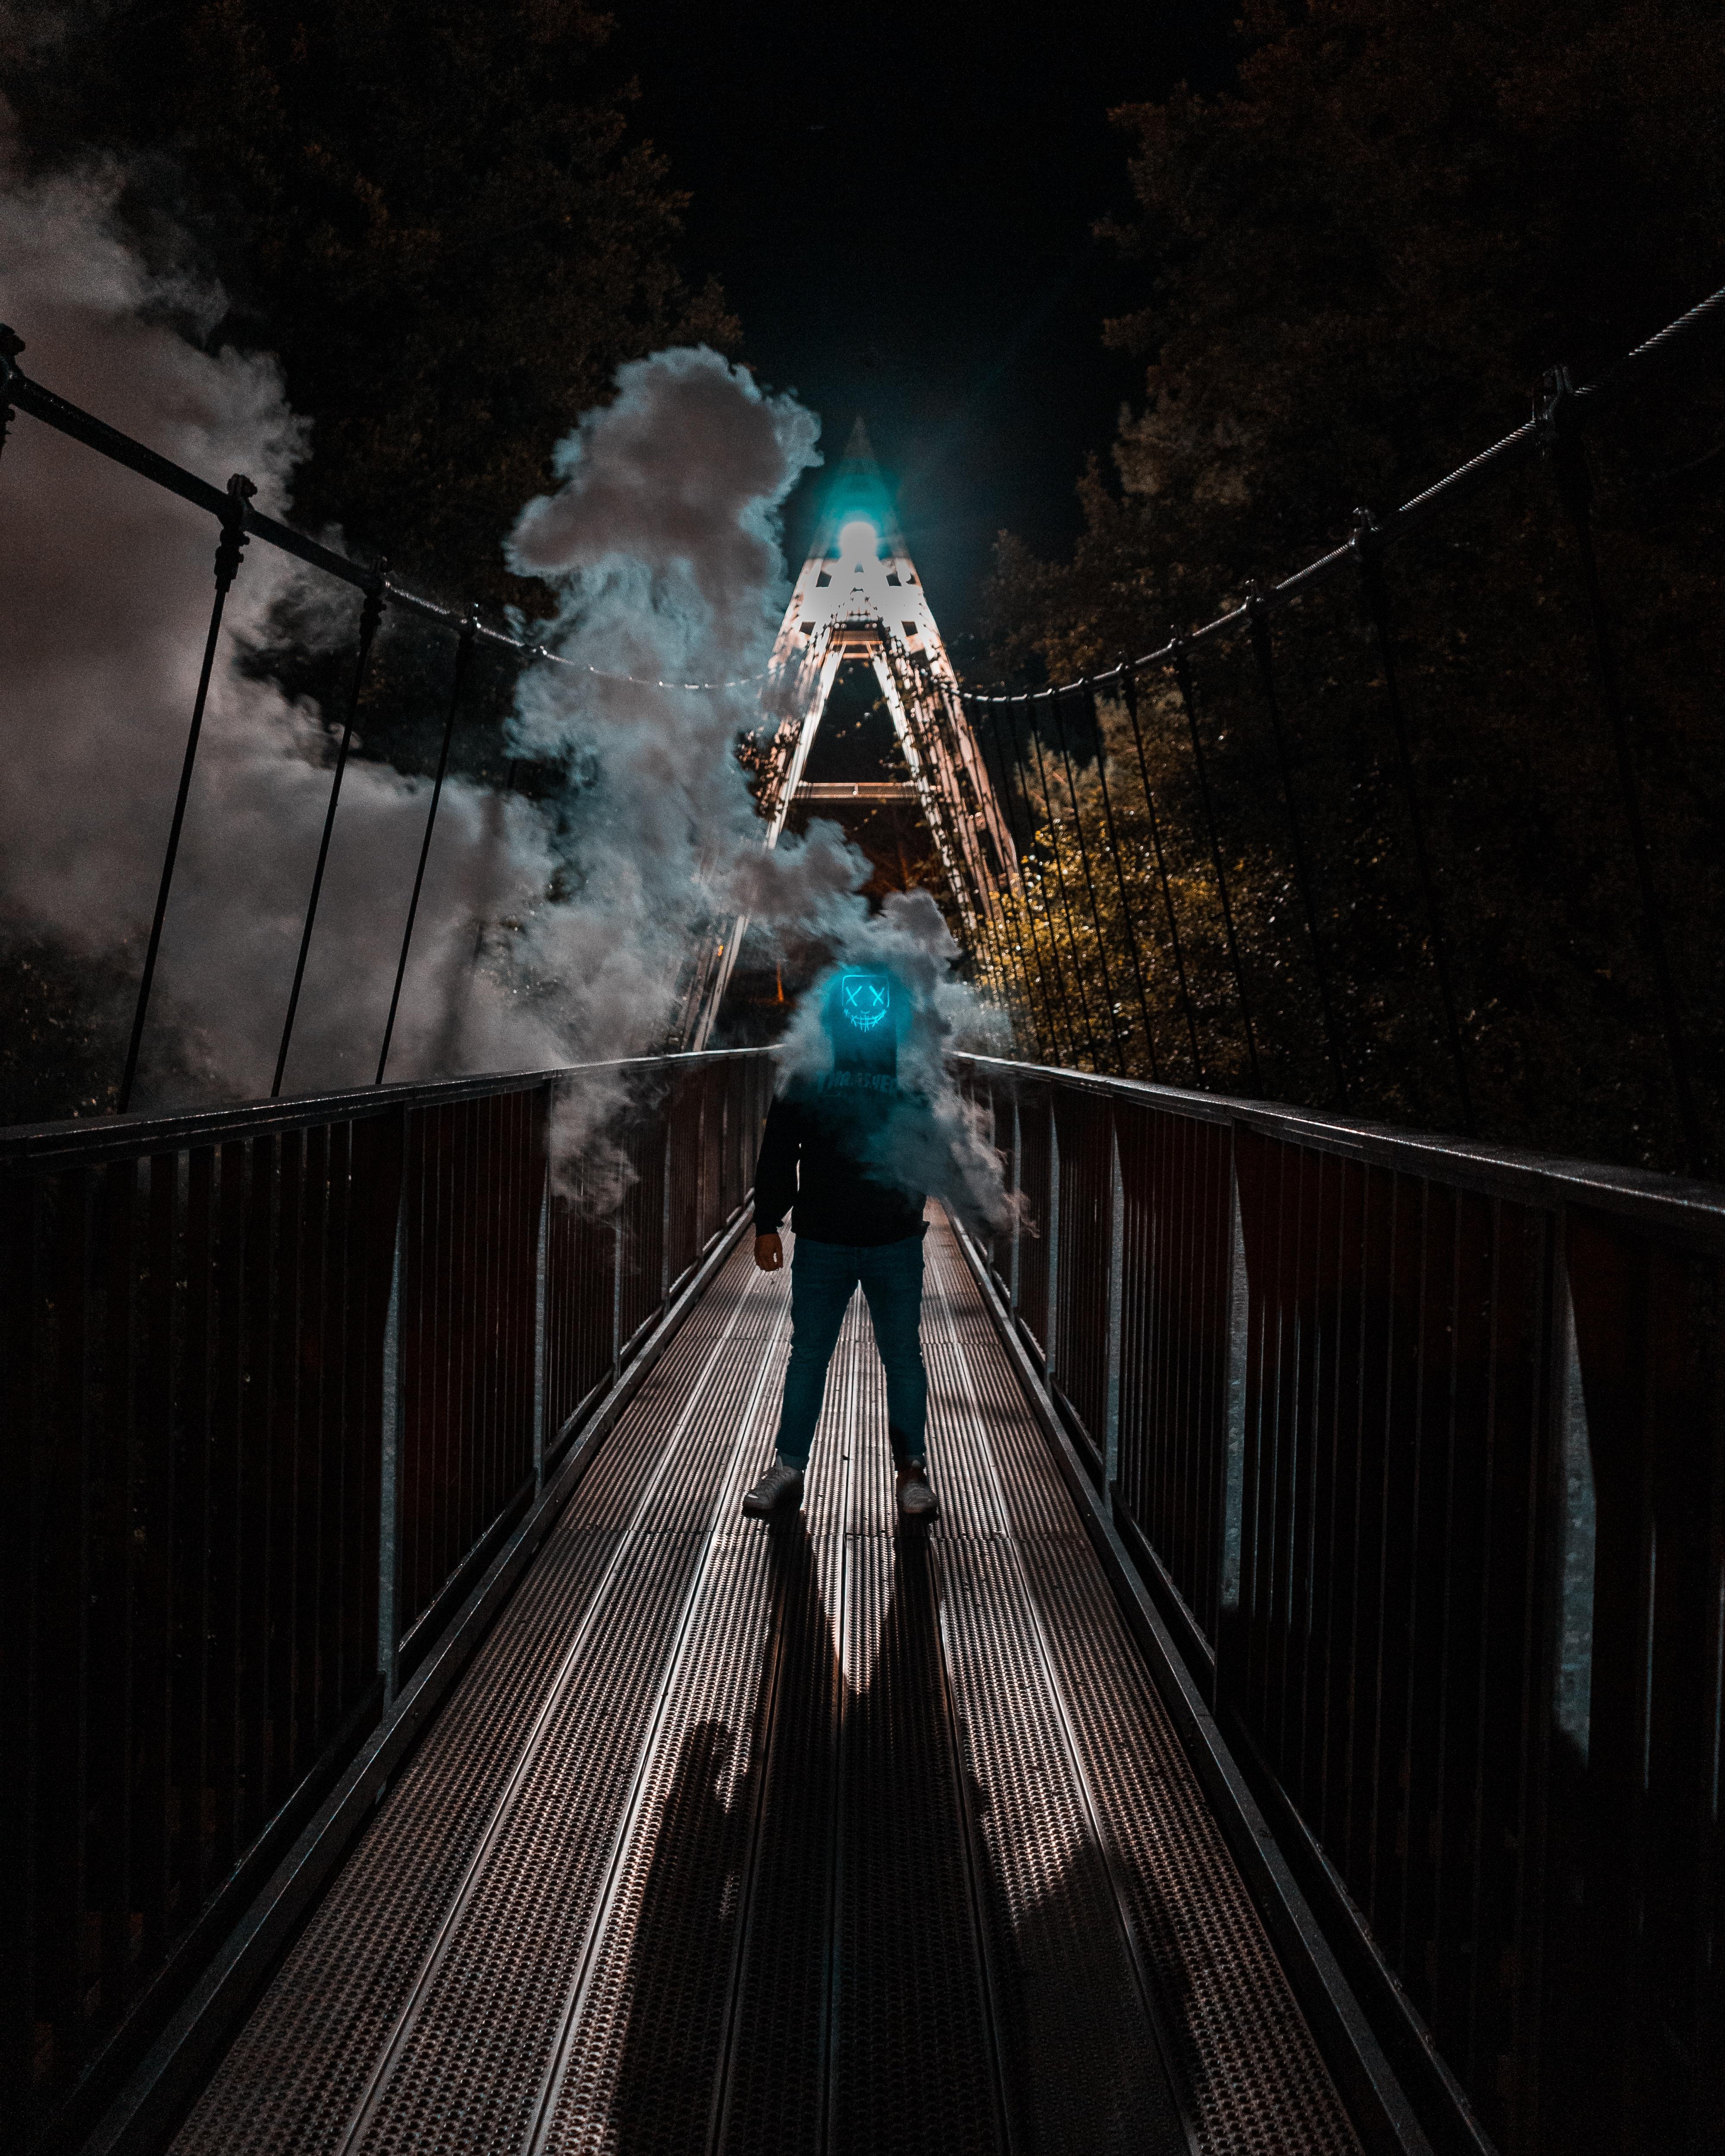 82839 Hintergrundbild 540x960 kostenlos auf deinem Handy, lade Bilder Raucher, Verschiedenes, Sonstige, Brücke, Neon, Maske, Mensch, Person, Anonym 540x960 auf dein Handy herunter